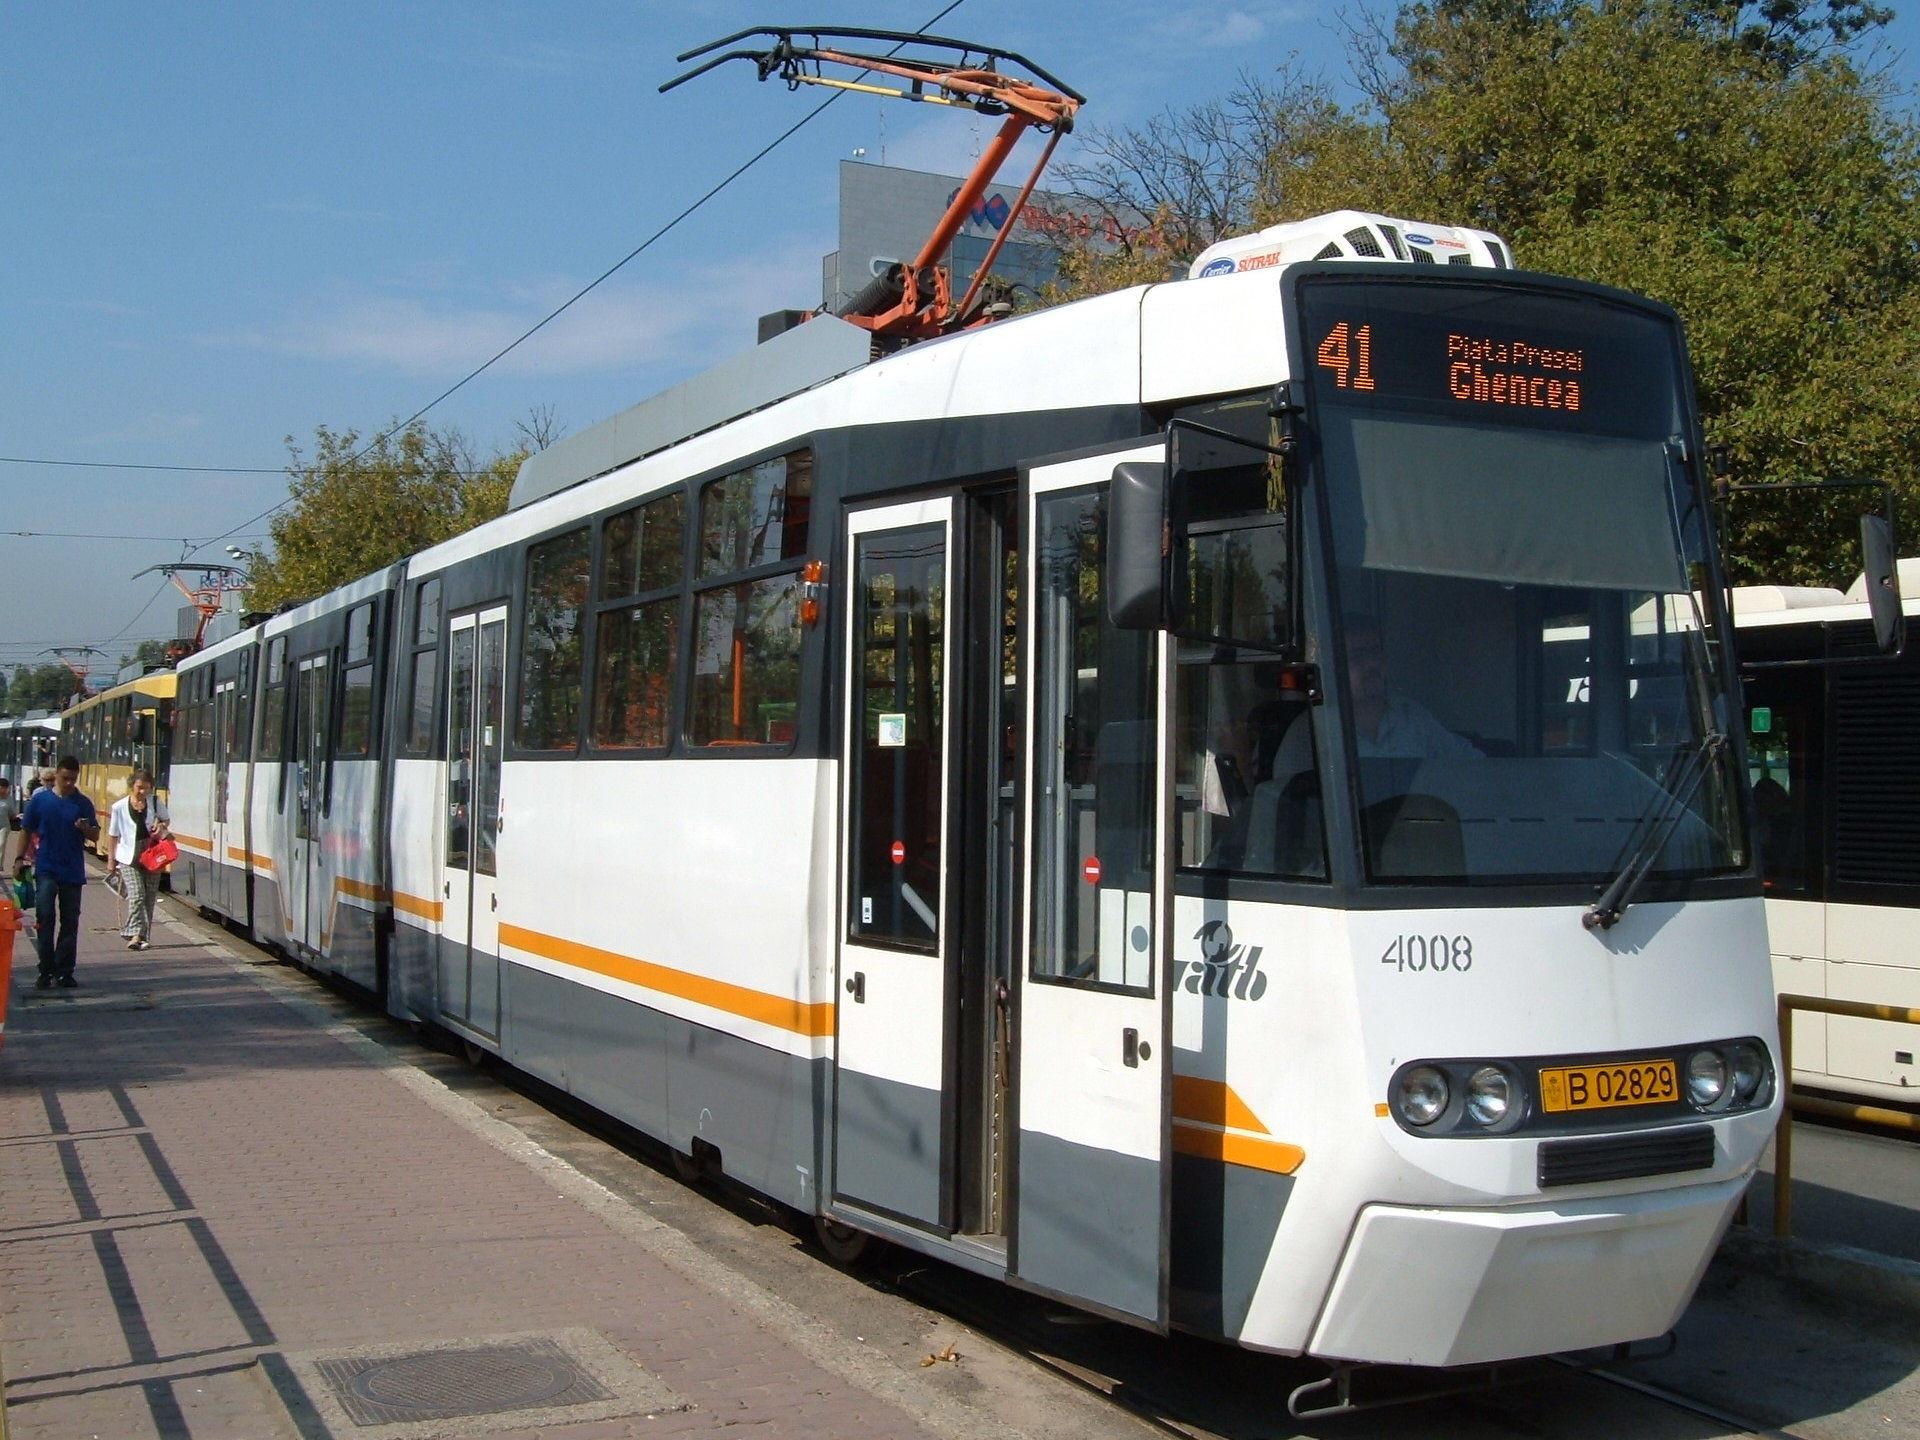 Circulaţia tramvaiului 41 va fi suspendată sâmbătă şi duminică pentru efectuarea reviziilor